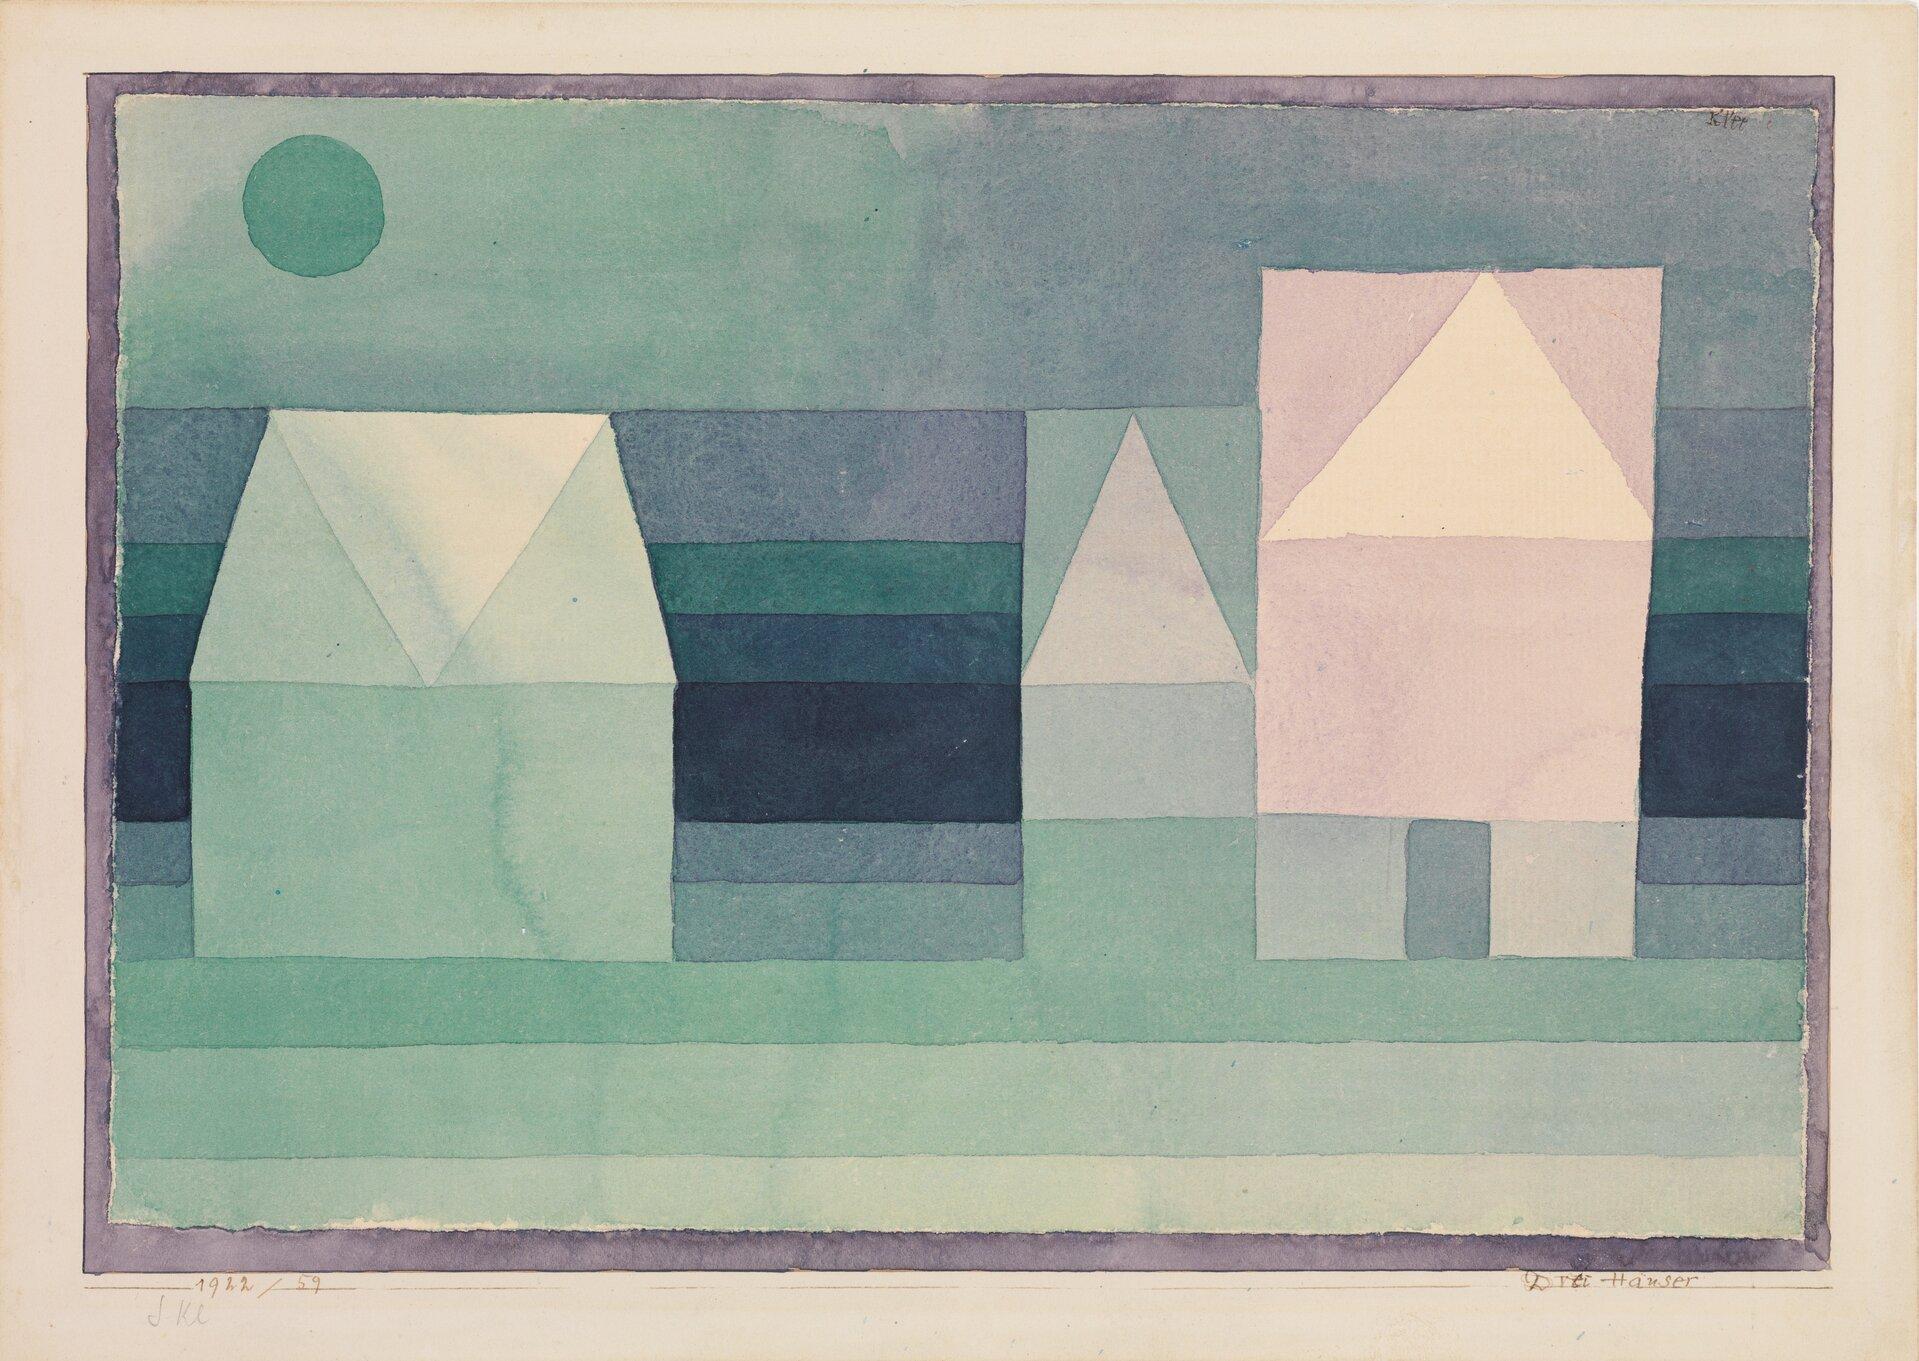 """Ilustracja przedstawia akwarelę """"Trzy domy"""" autorstwa Paula Klee. Wnamalowanej przez artystę kompozycji miesza się abstrakcja zmalarstwem figuratywnym – jest to charakterystyczne dla jego twórczości. Kompozycja składa się zgeometrycznych kształtów. Podłużne pasy tworzą przestrzeń pejzażu. Zprostokątów itrójkątów zbudowane są trzy domki ustawione wrzędzie wcentrum akwareli. Zielone koło wgórnym lewym rogu to słońce lub księżyc. Cała praca obramowana jest ciemną, szaro-fioletową ramką. Praca utrzymana jest wwąskiej, chłodnej tonacji zieleni iszarawych granatów. Jedynym ciepłym akcentem jest róż na fragmencie budynku po prawej stronie. Wobrazie tym widoczne jest odwołanie do dziecięcej kreatywności, stanowiącej ważną inspirację wtwórczości Paula Klee."""